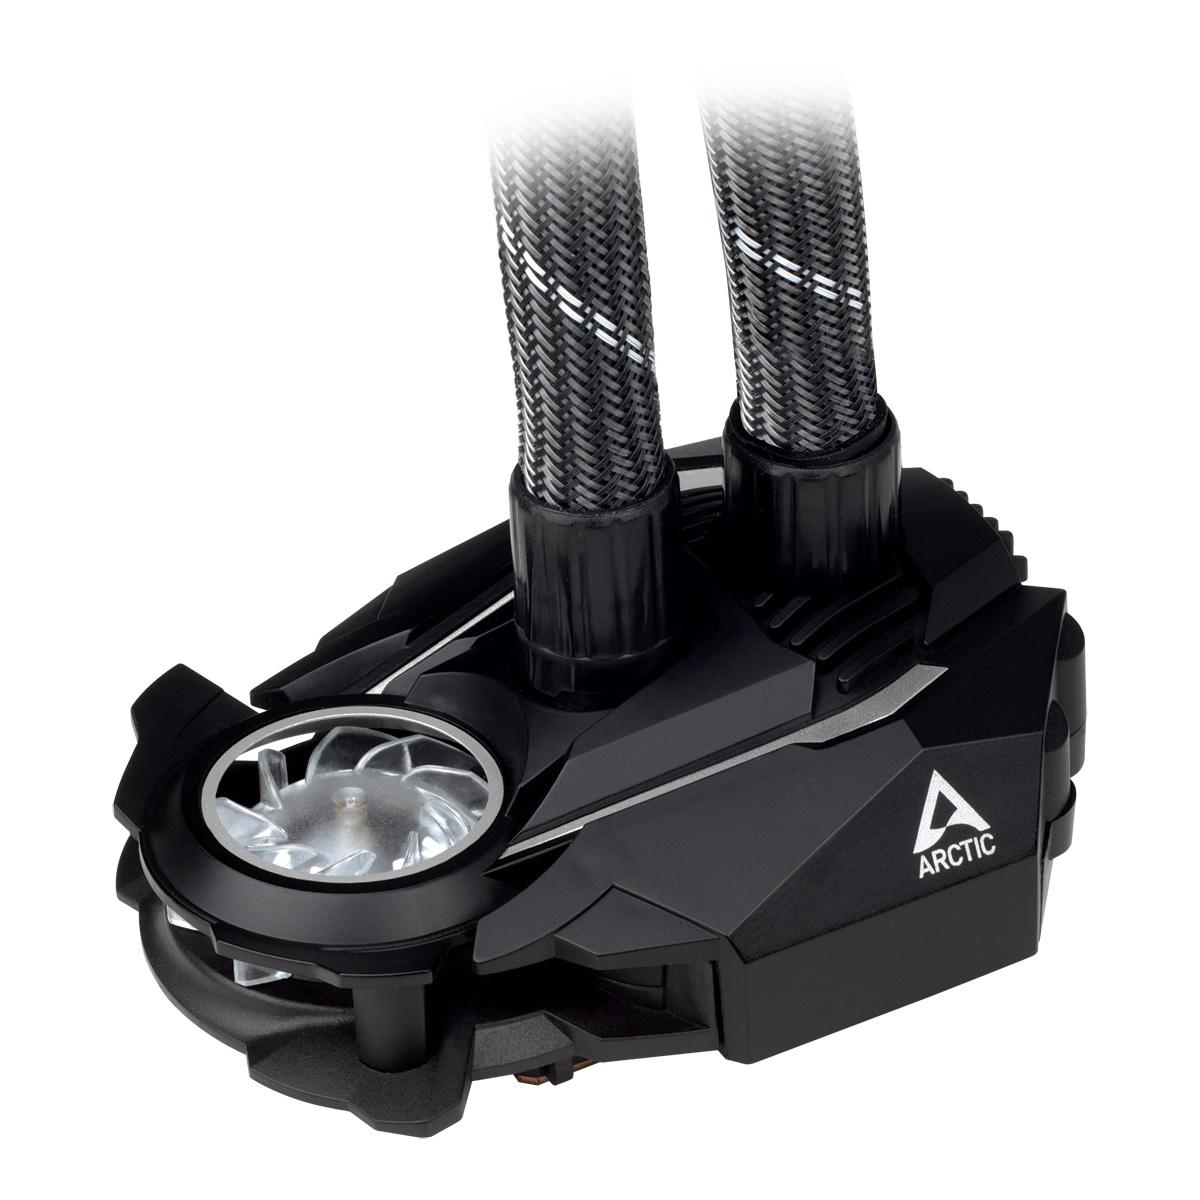 Multikompatibler AiO CPU-Wasserkühler ARCTIC Liquid Freezer II 120 Detailansicht Pumpe